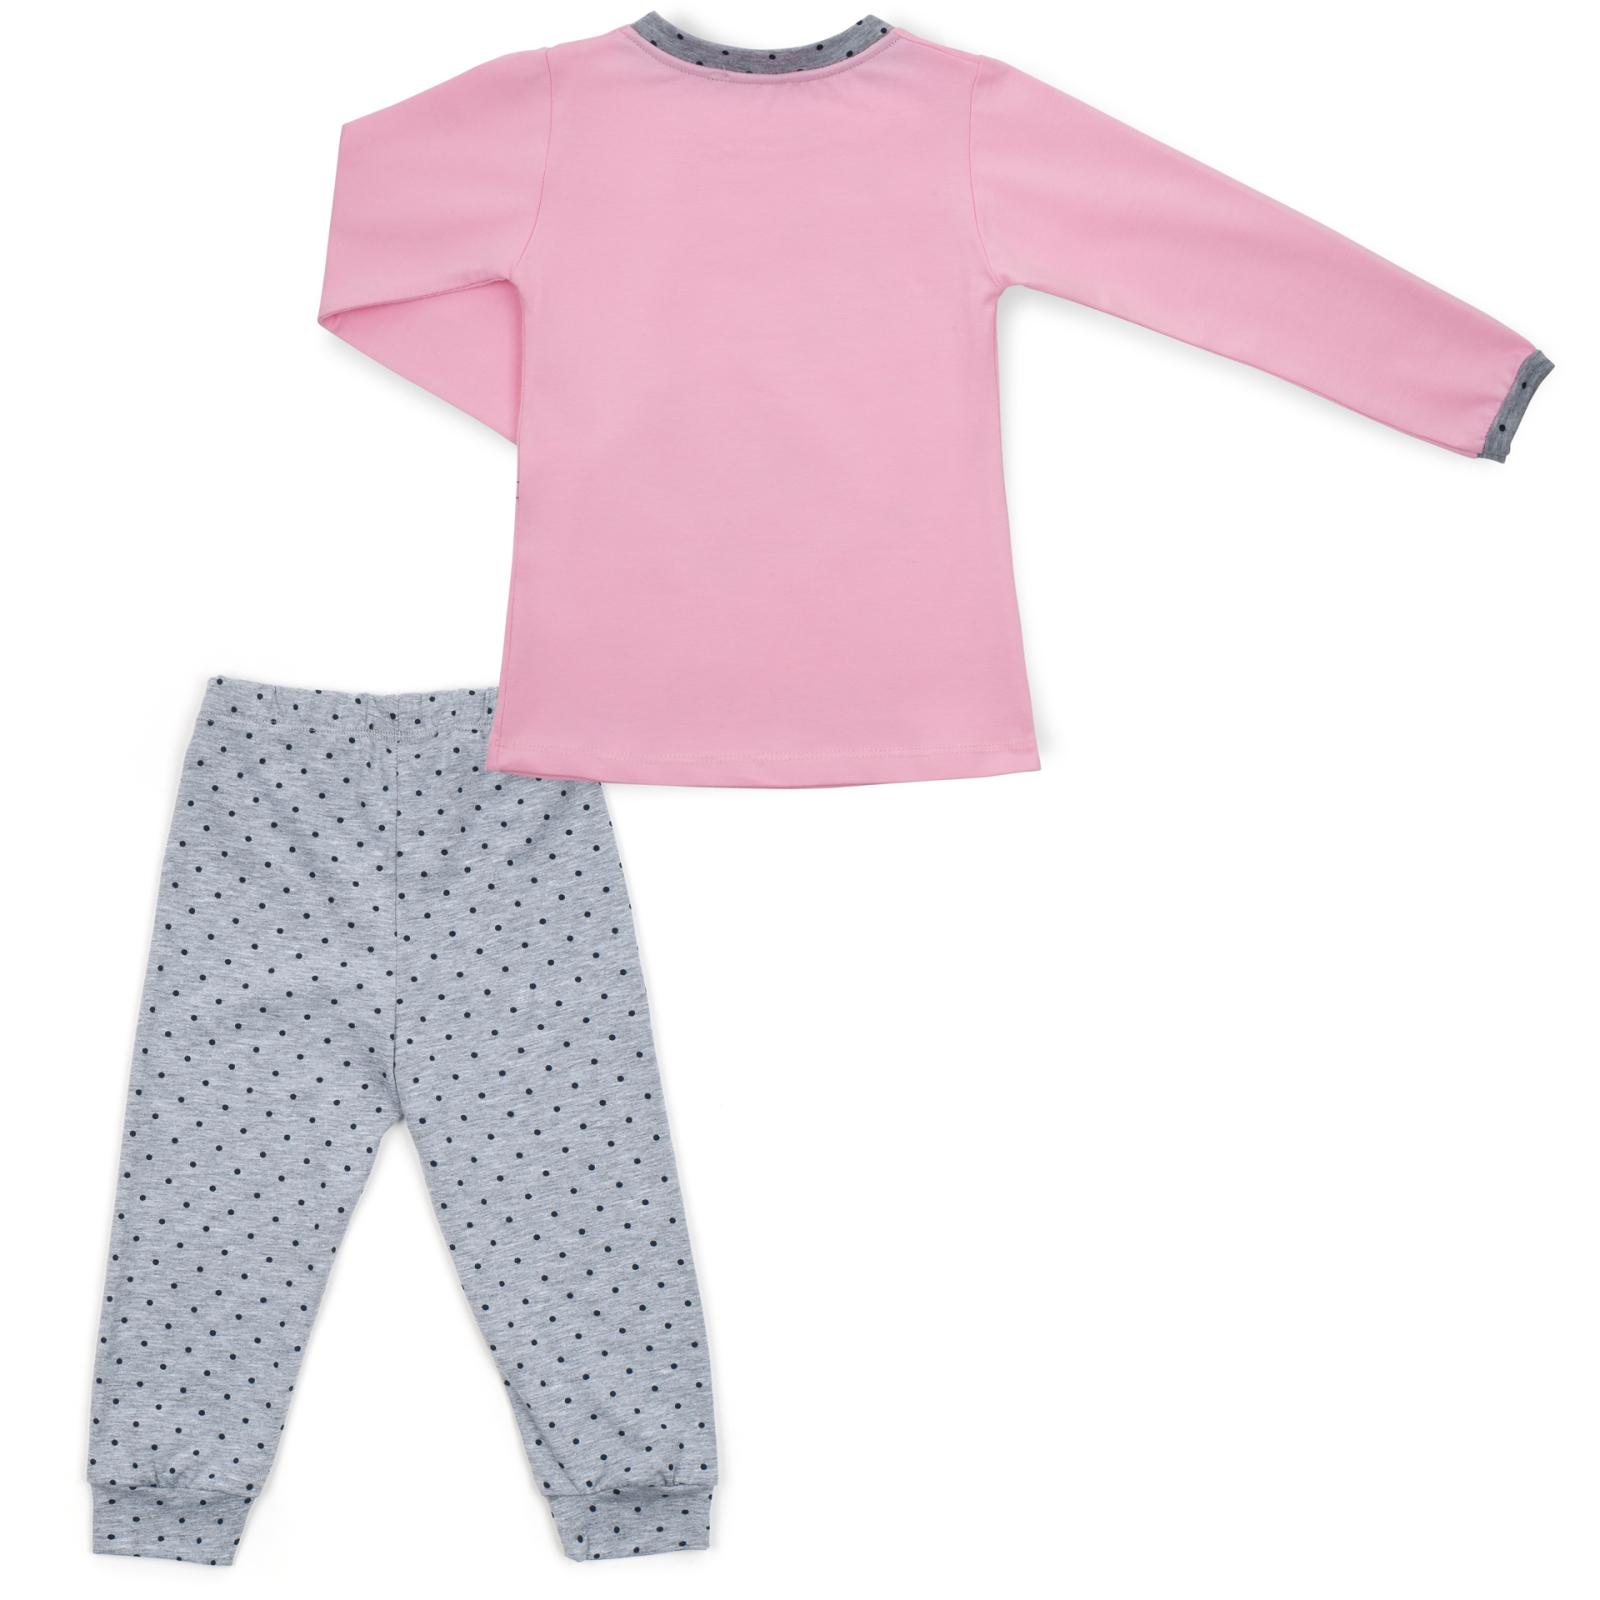 Пижама Matilda с лебедем (10939-2-92G-pink) изображение 4